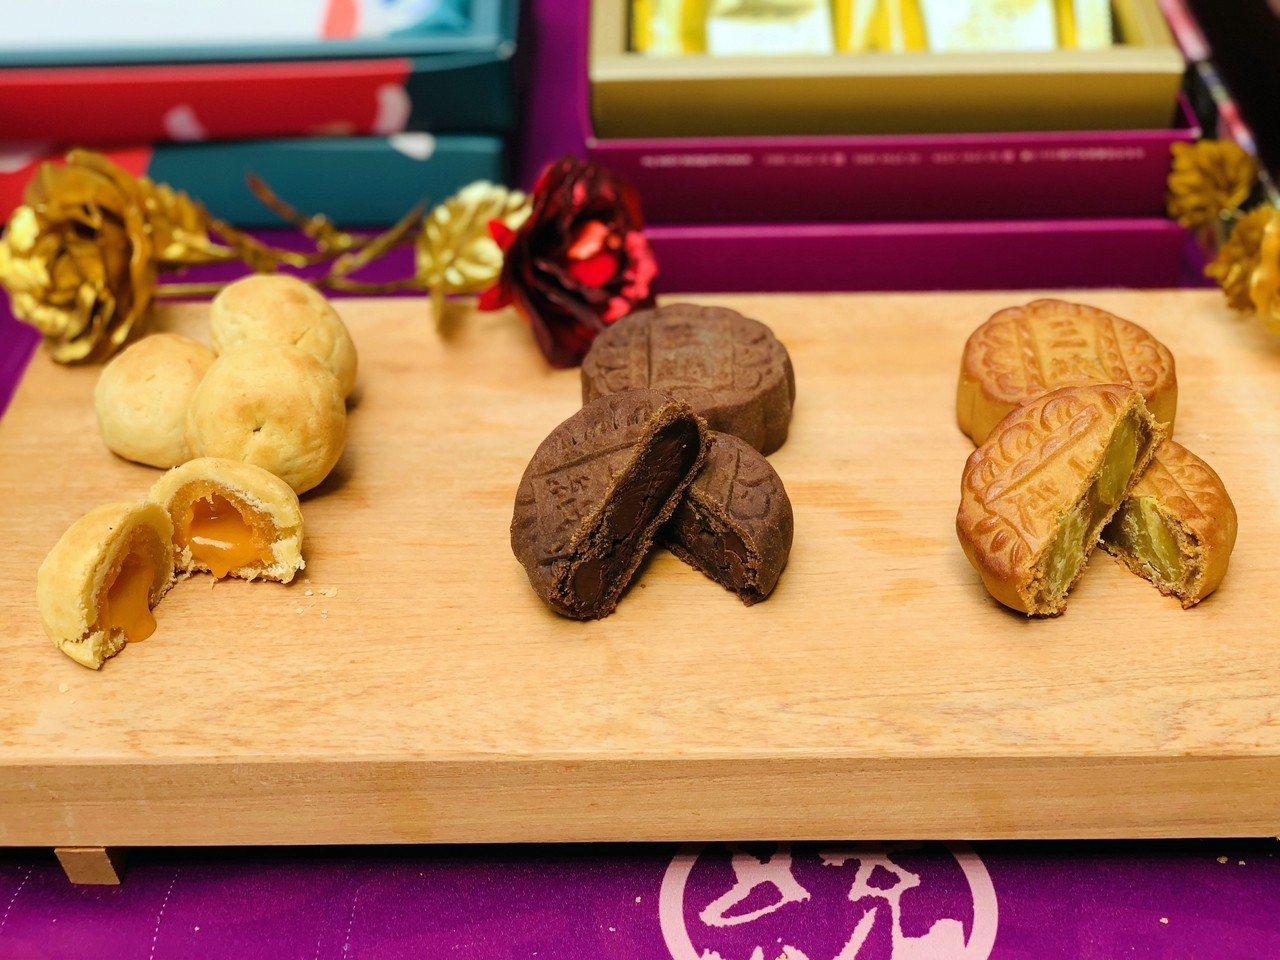 三統漢菓子參賽作品有流心鳳凰酥(左起),巧克力、焦糖栗子月餅。記者張芳瑜/攝影